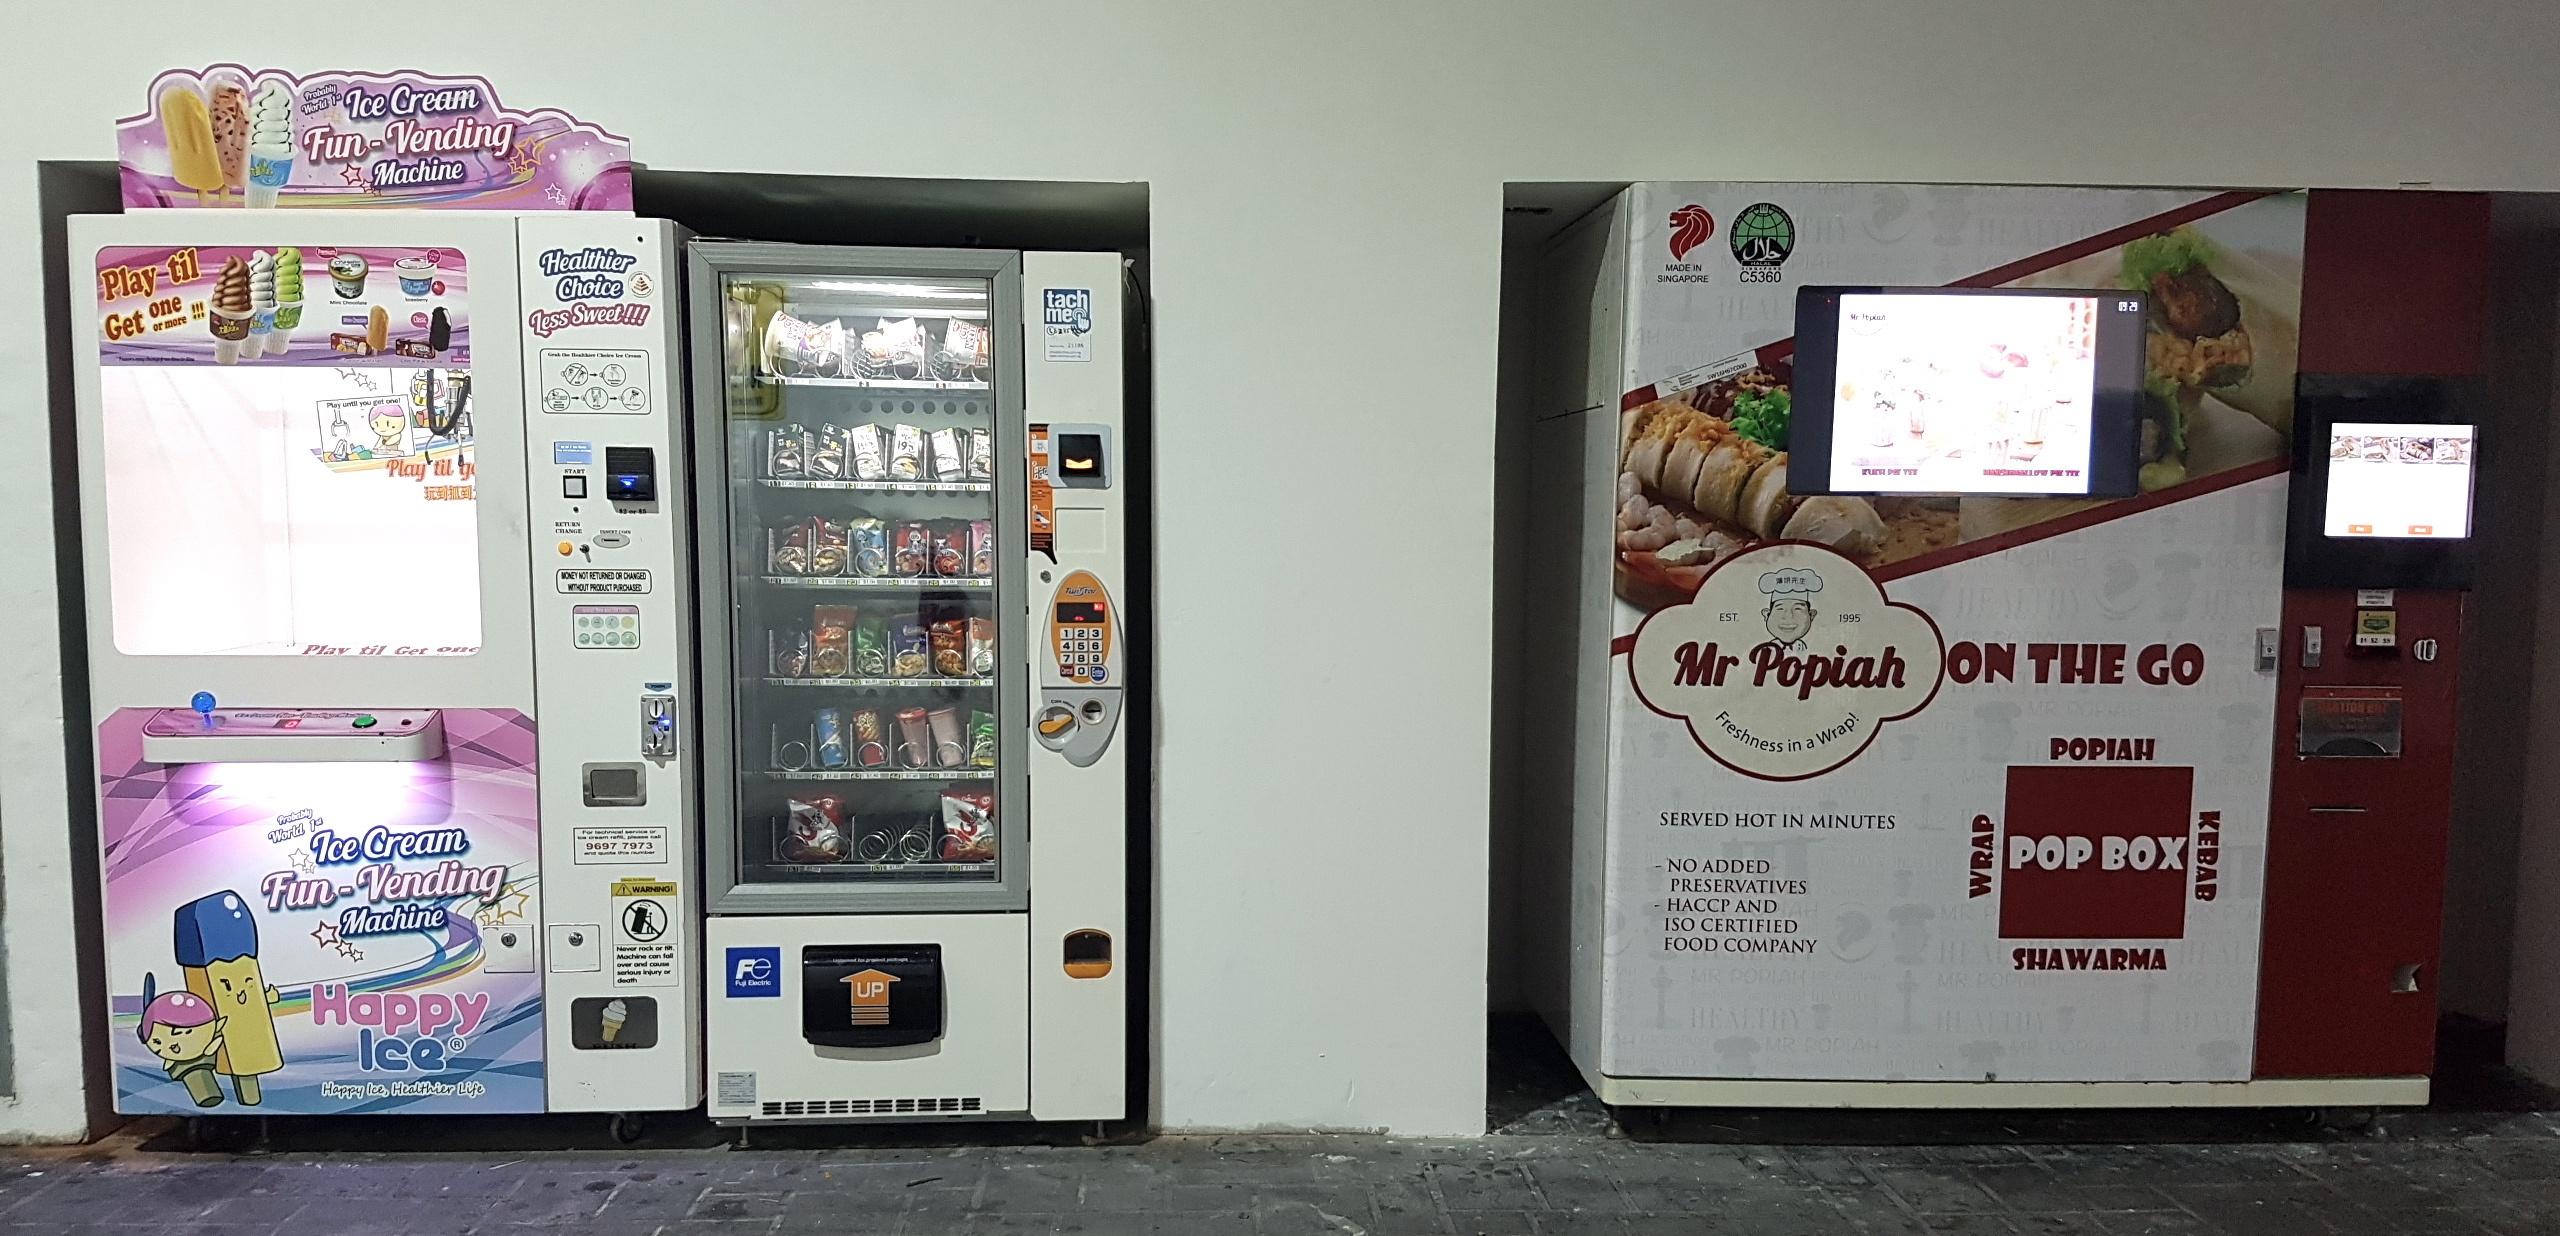 Ice cream machine & Mr Popiah machine